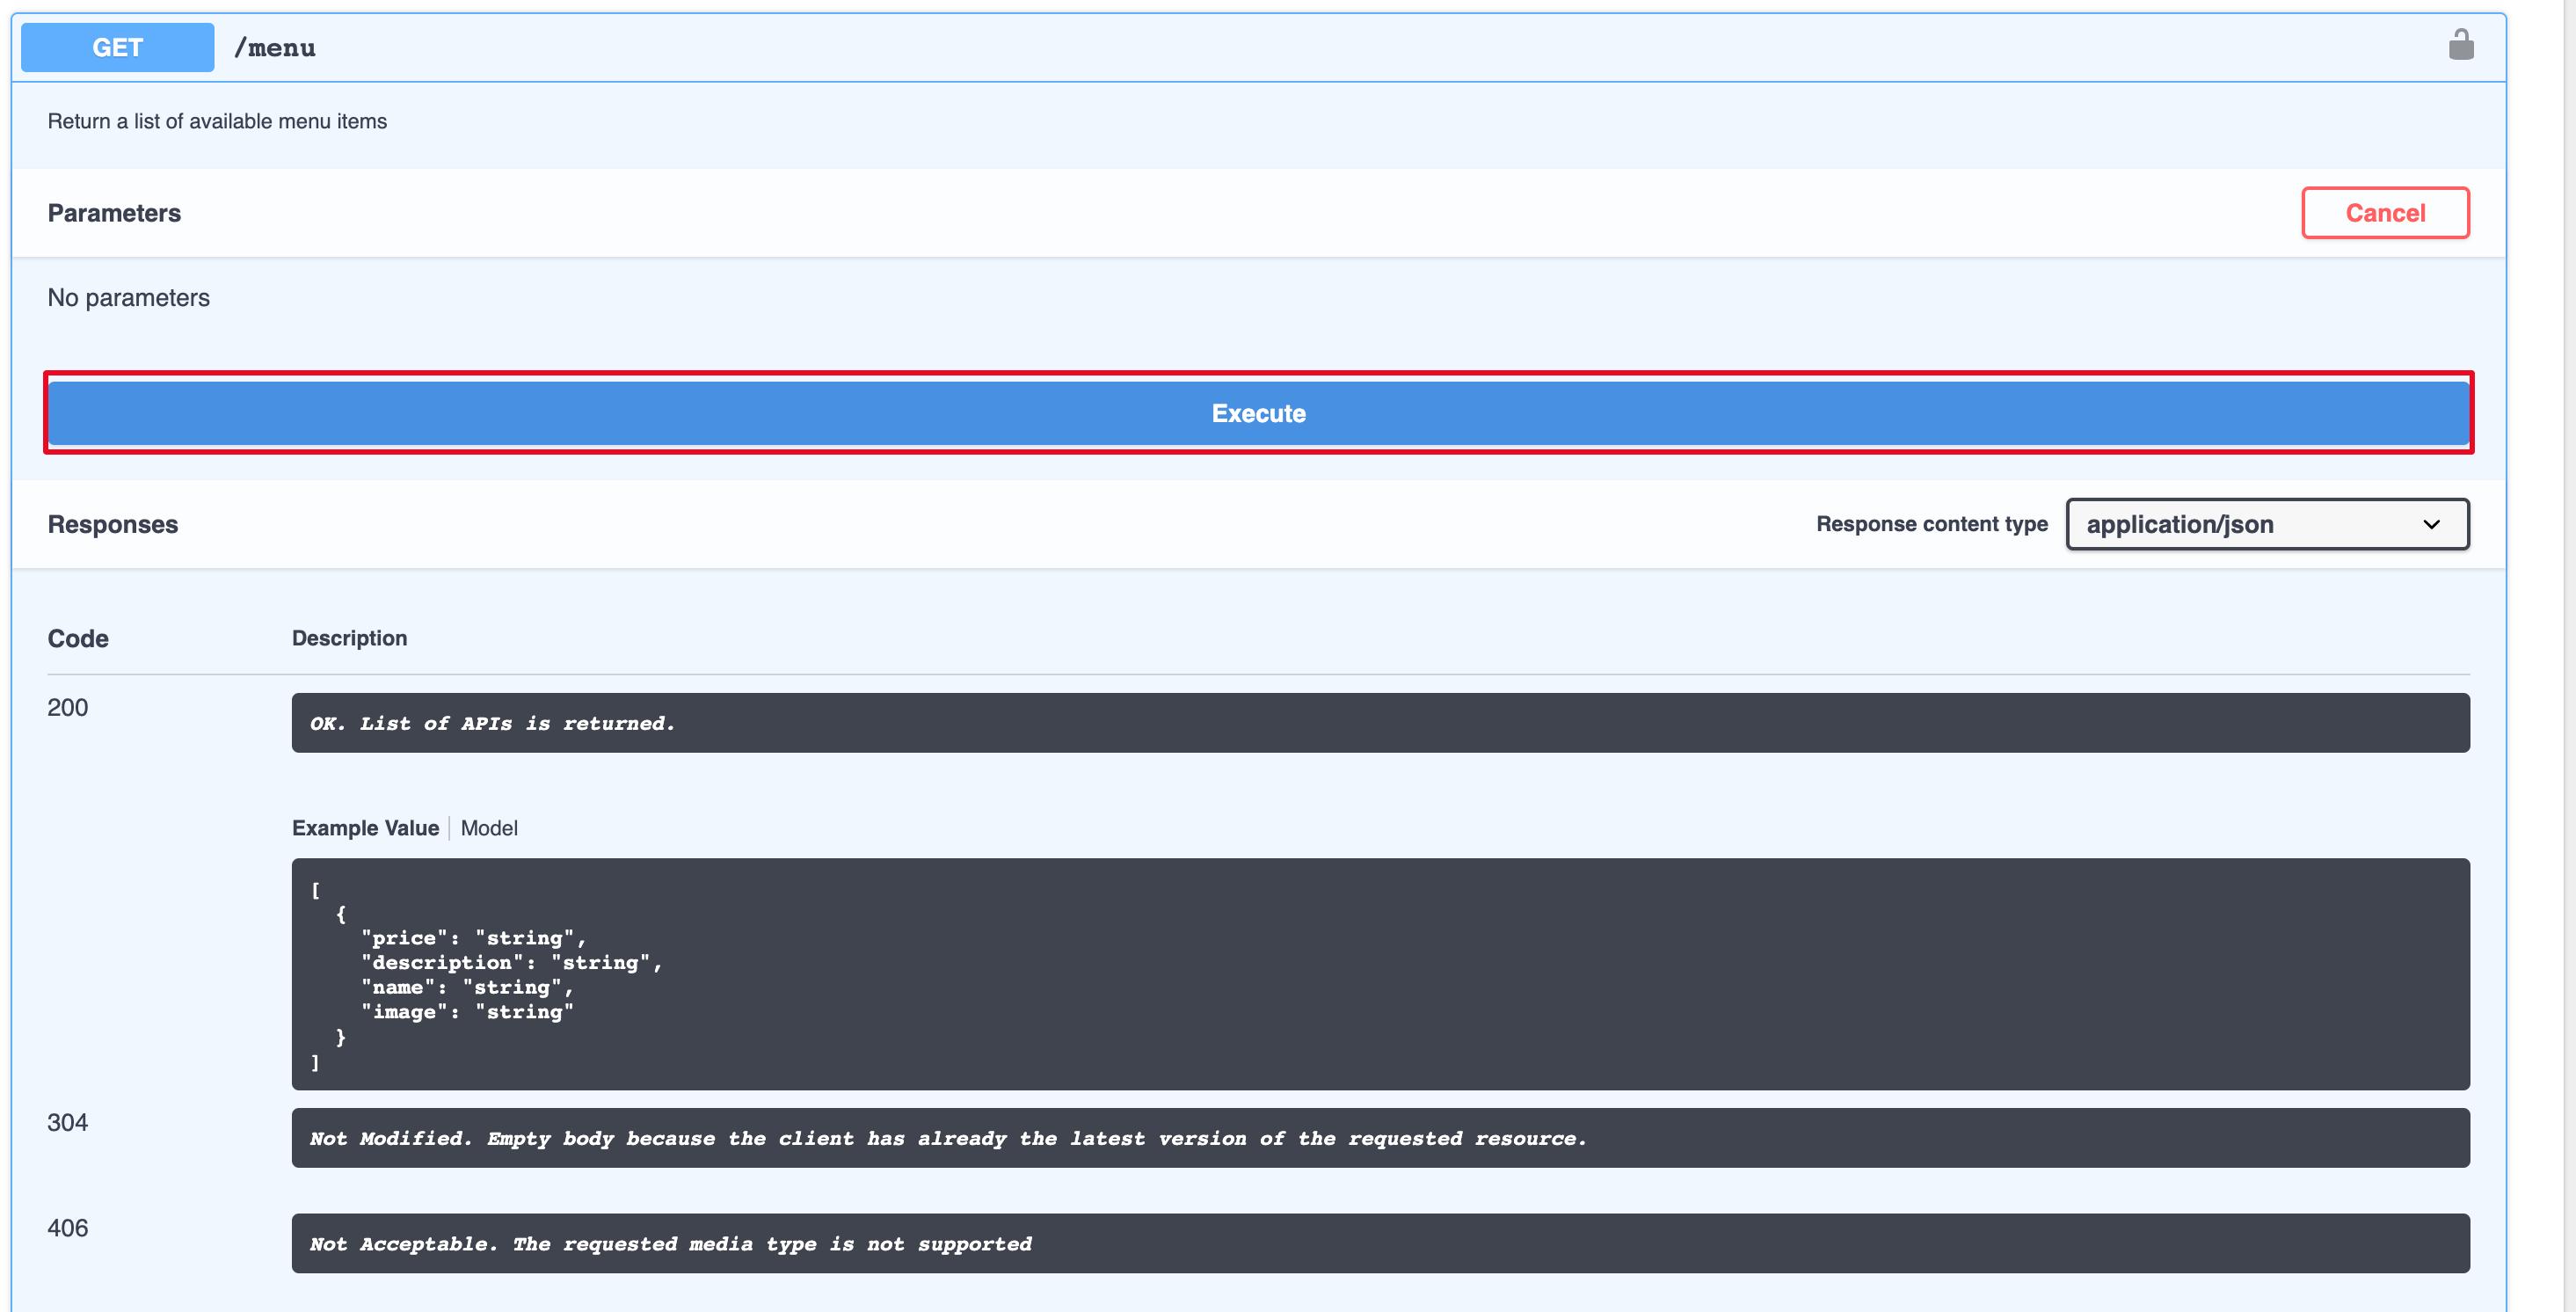 Invoke the API